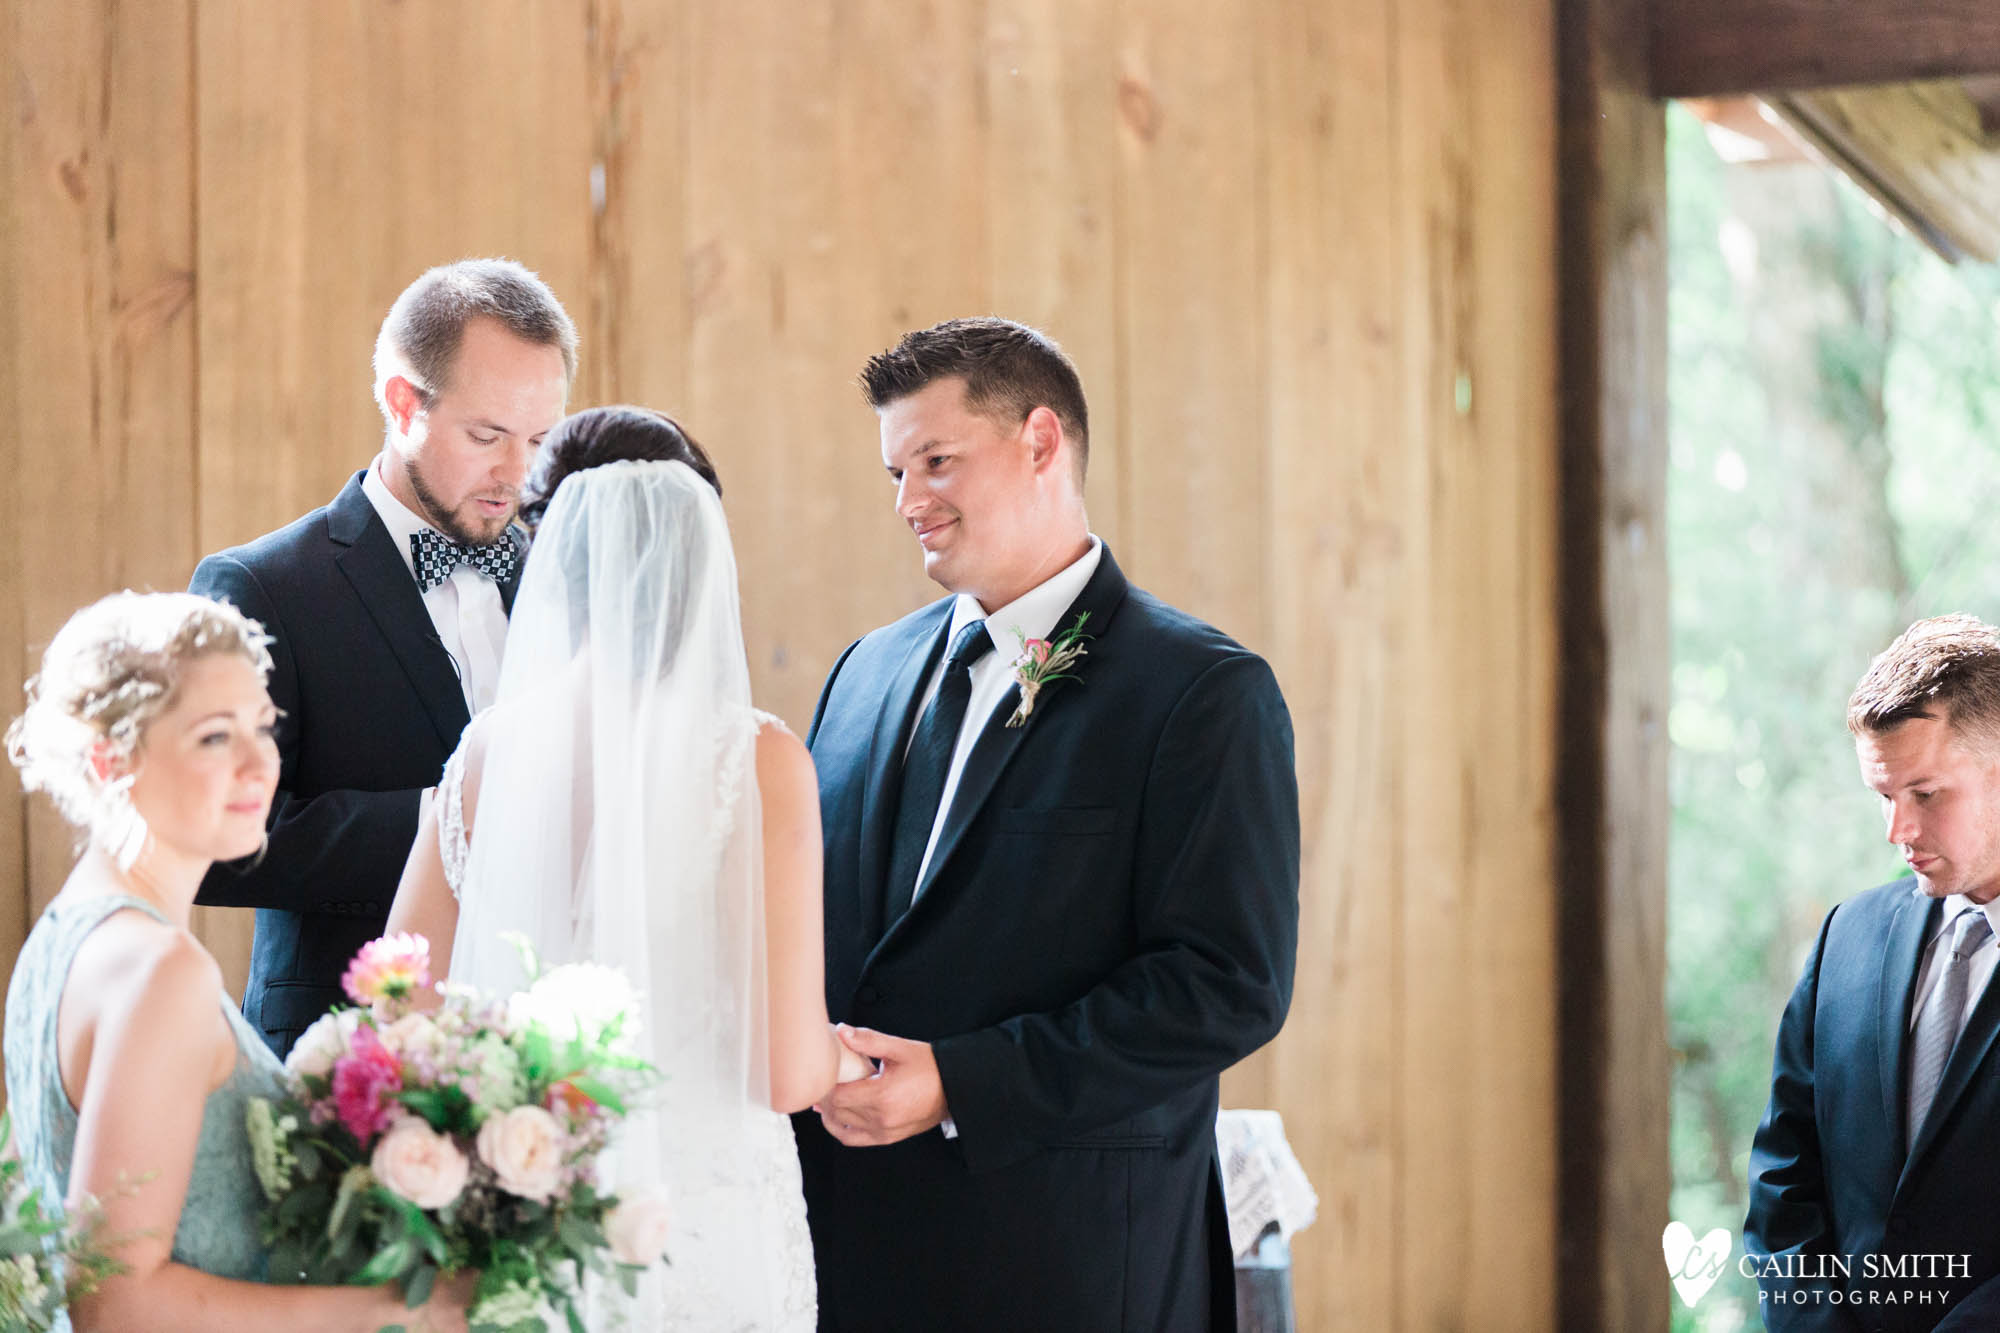 Bethany_Kyle_Bowing_Oaks_Plantation_Wedding_Photography_0070.jpg